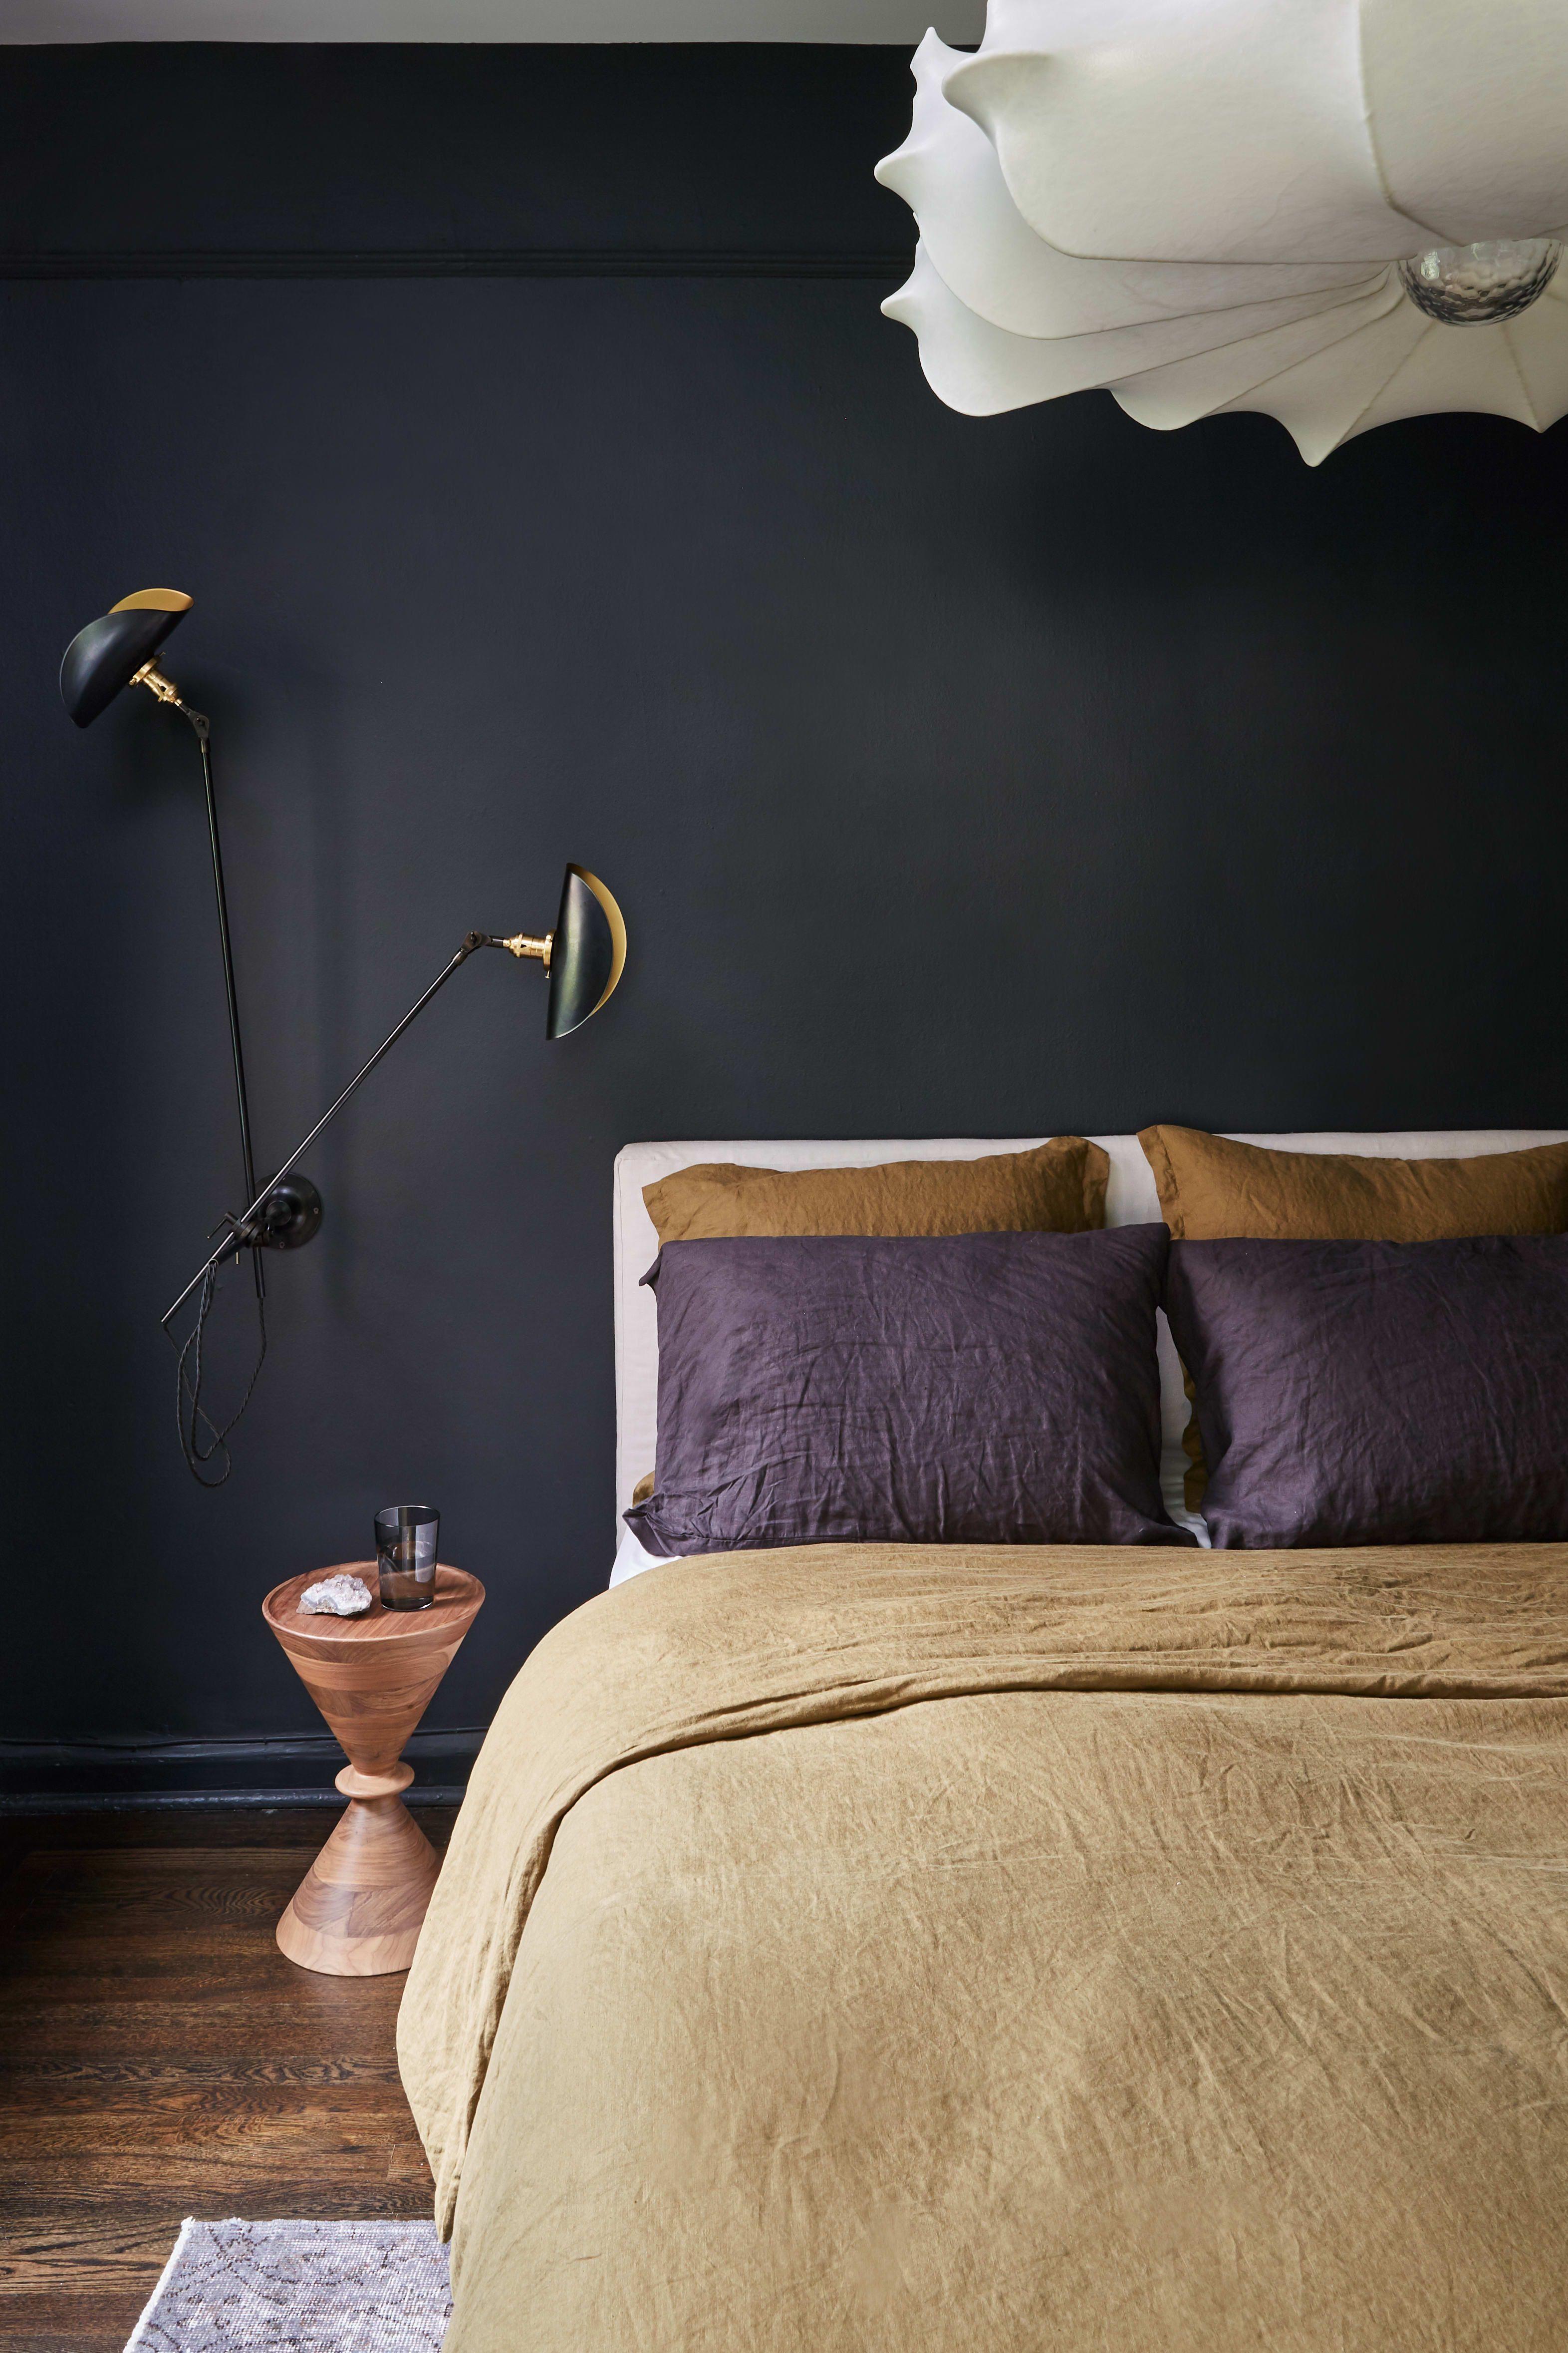 Scopri (e salva) i tuoi pin su pinterest. The 14 Best Bedrooms We Found On Pinterest Sodomino Room Interiordesign Wall Furniture B Interieur De Chambre Decoration Chambre Moderne Chambre Elegante